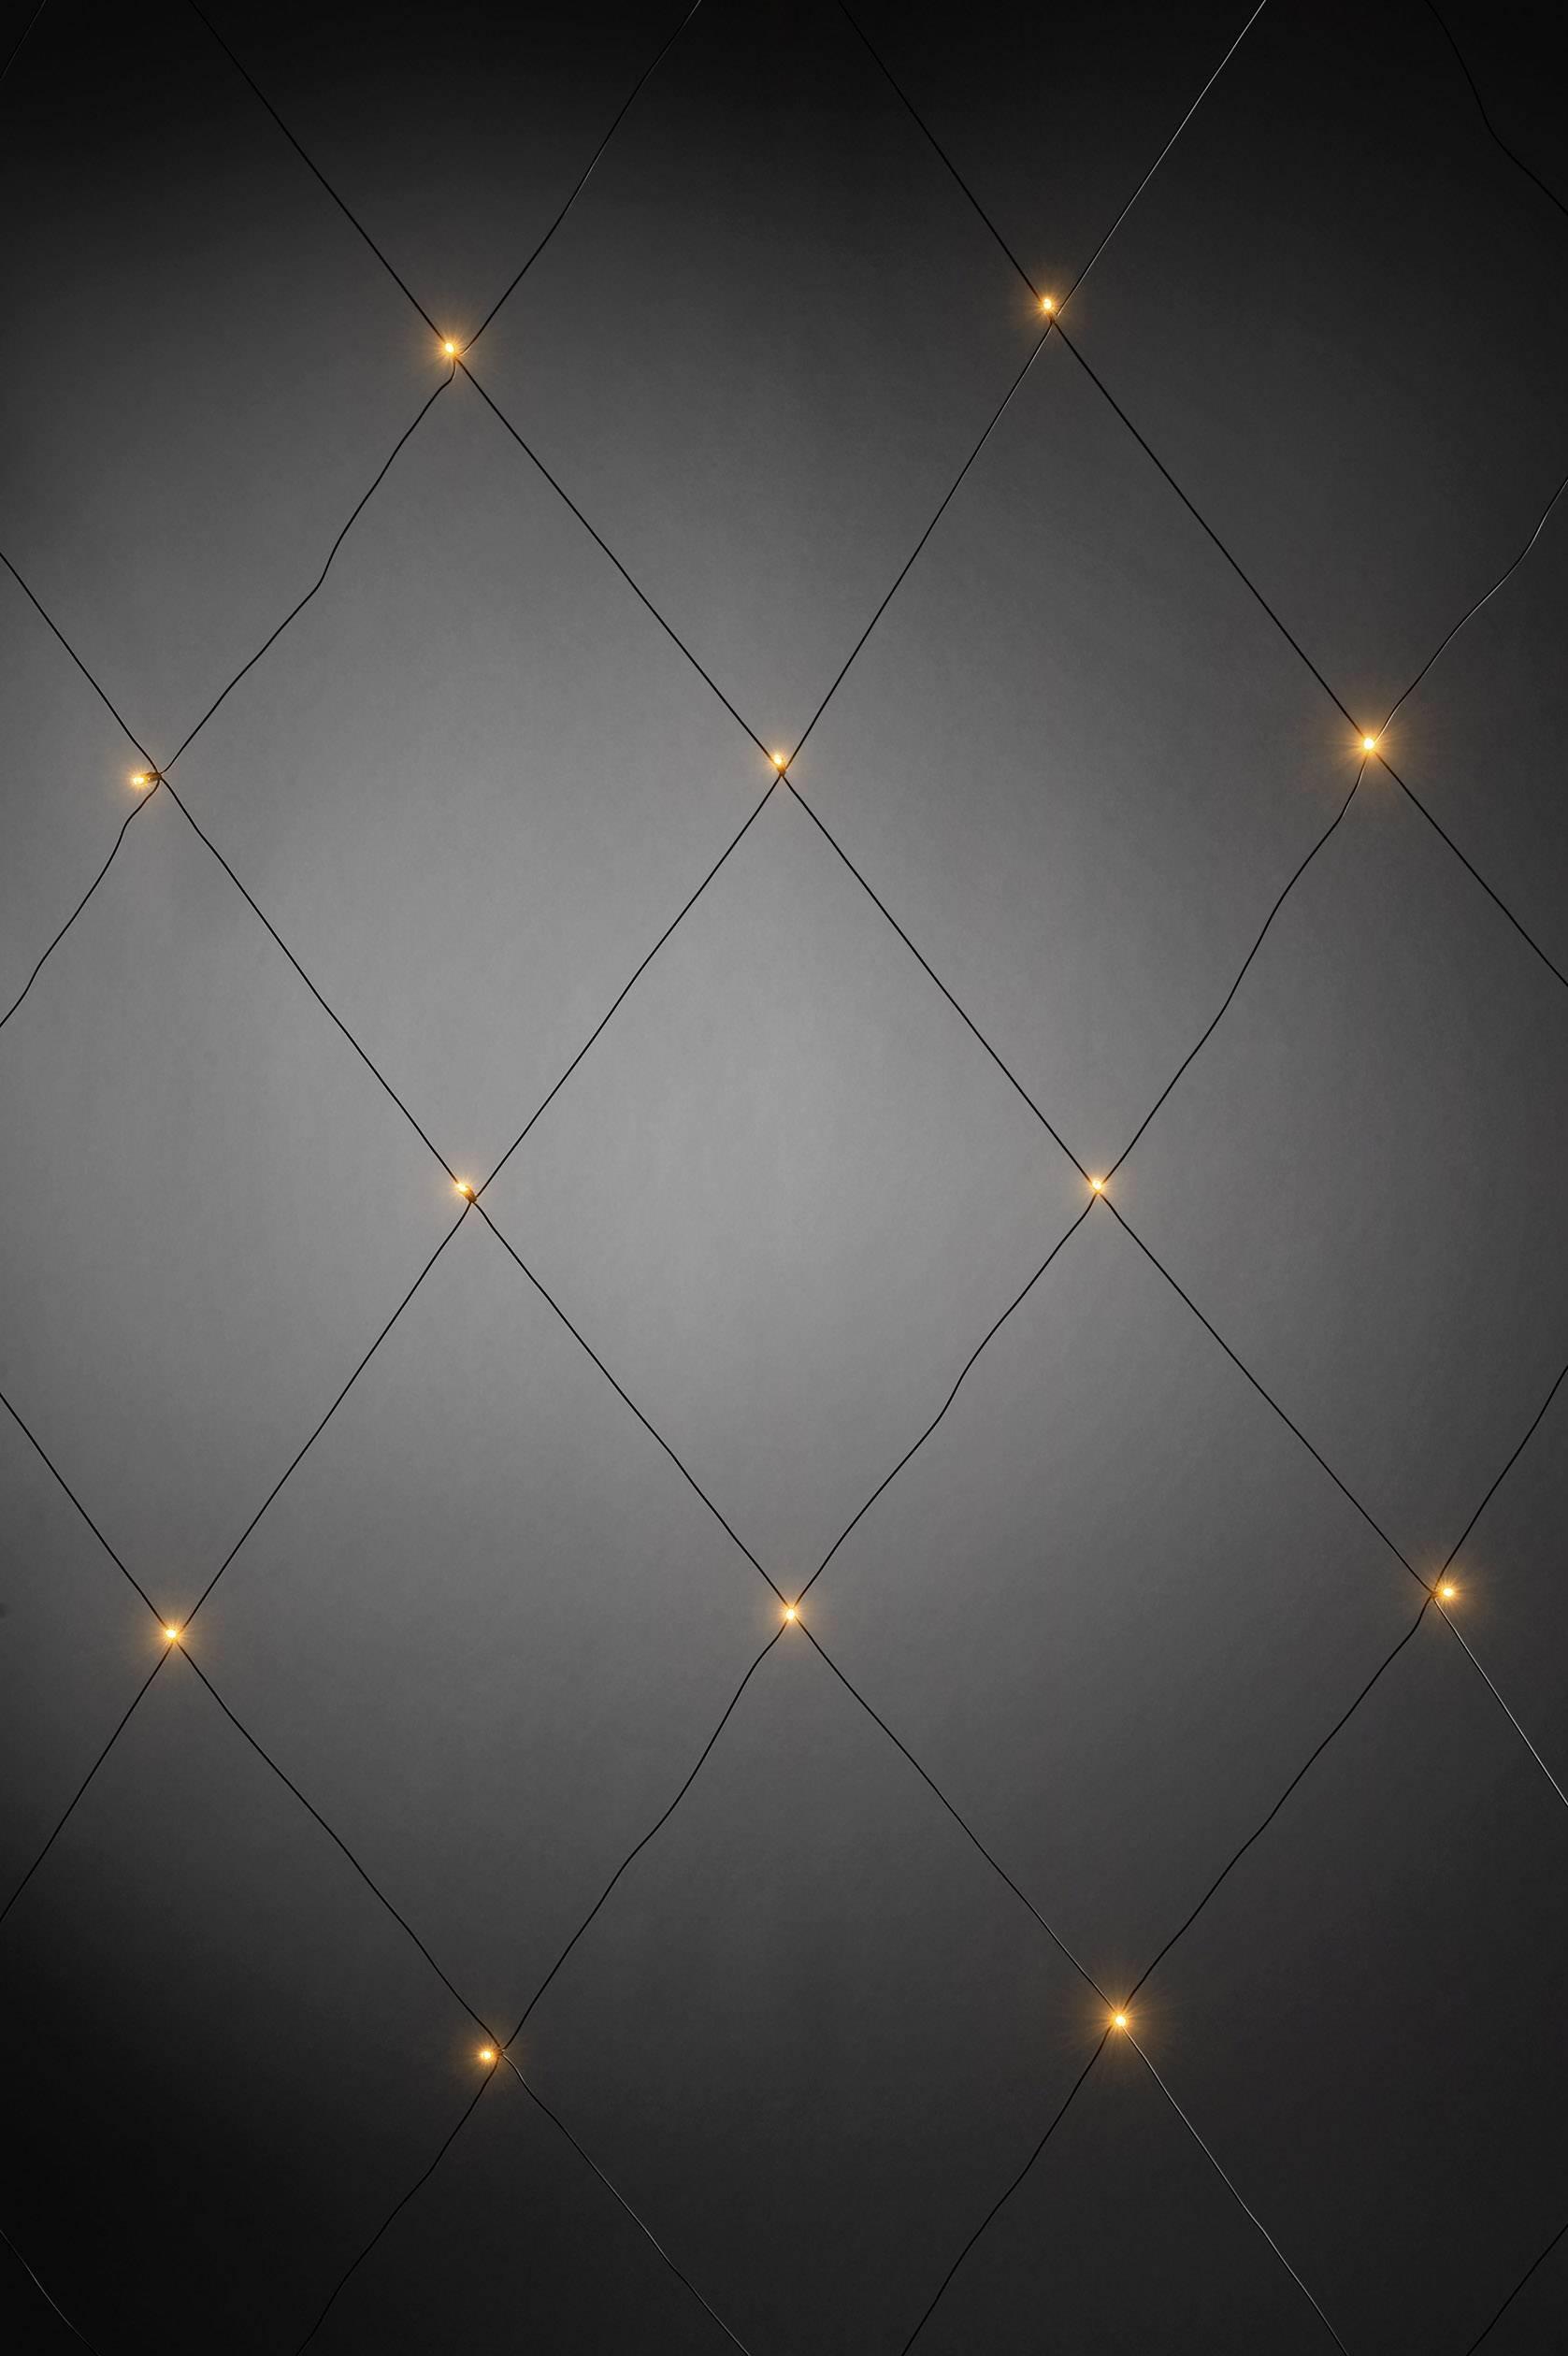 izdelek-konstsmide-svetlobna-mreza-zunaj-24-v-32-led